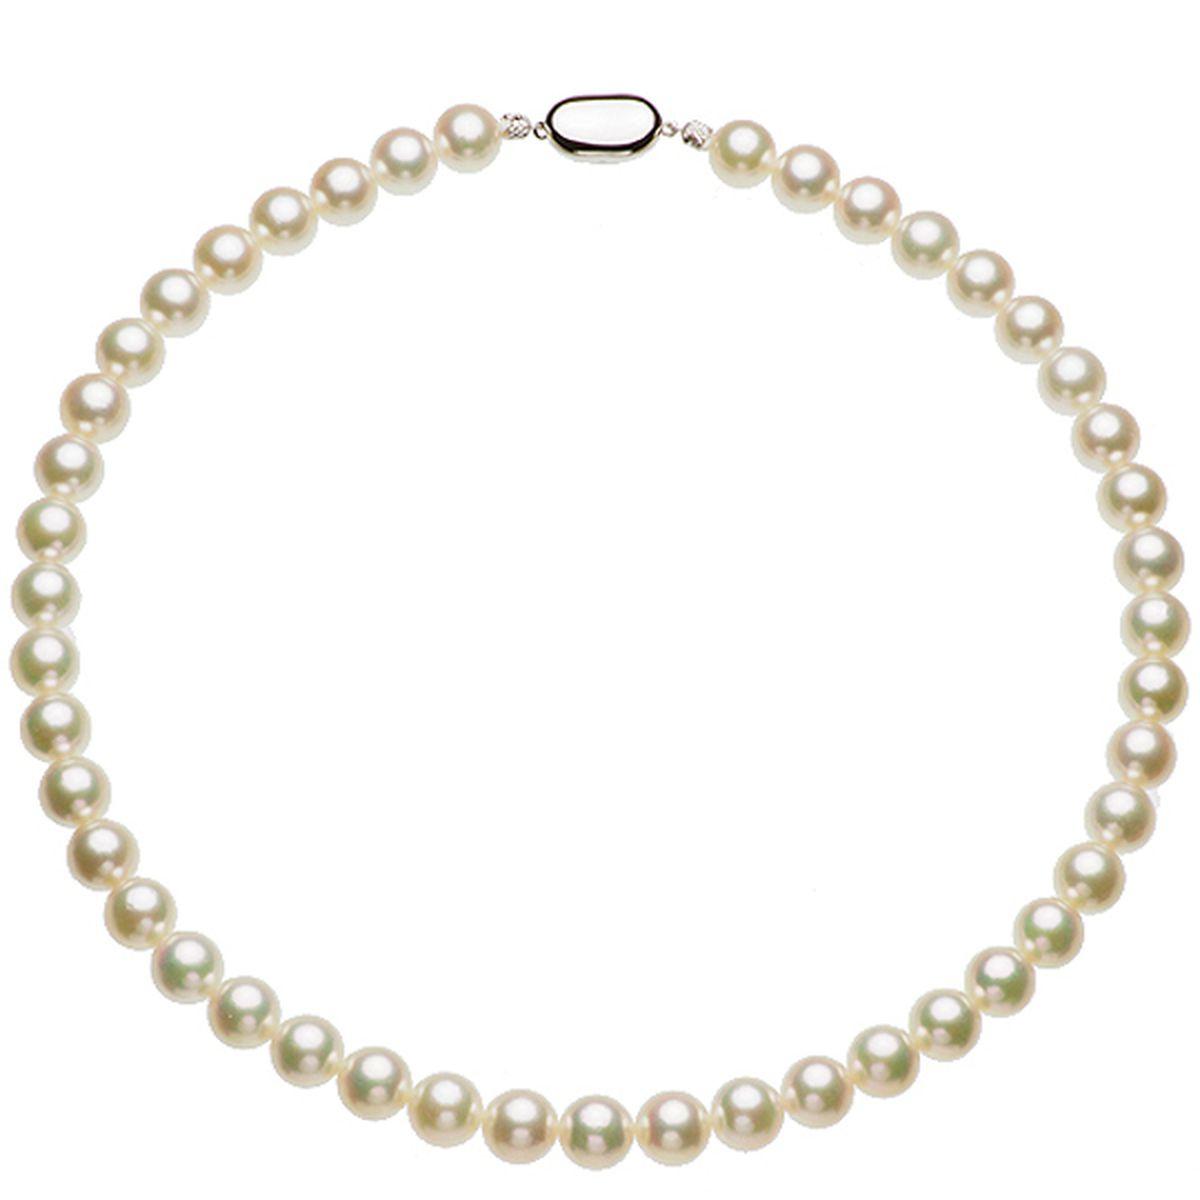 アコヤ準花珠真珠フォーマルネックレス 約9.0-9.5mmの写真